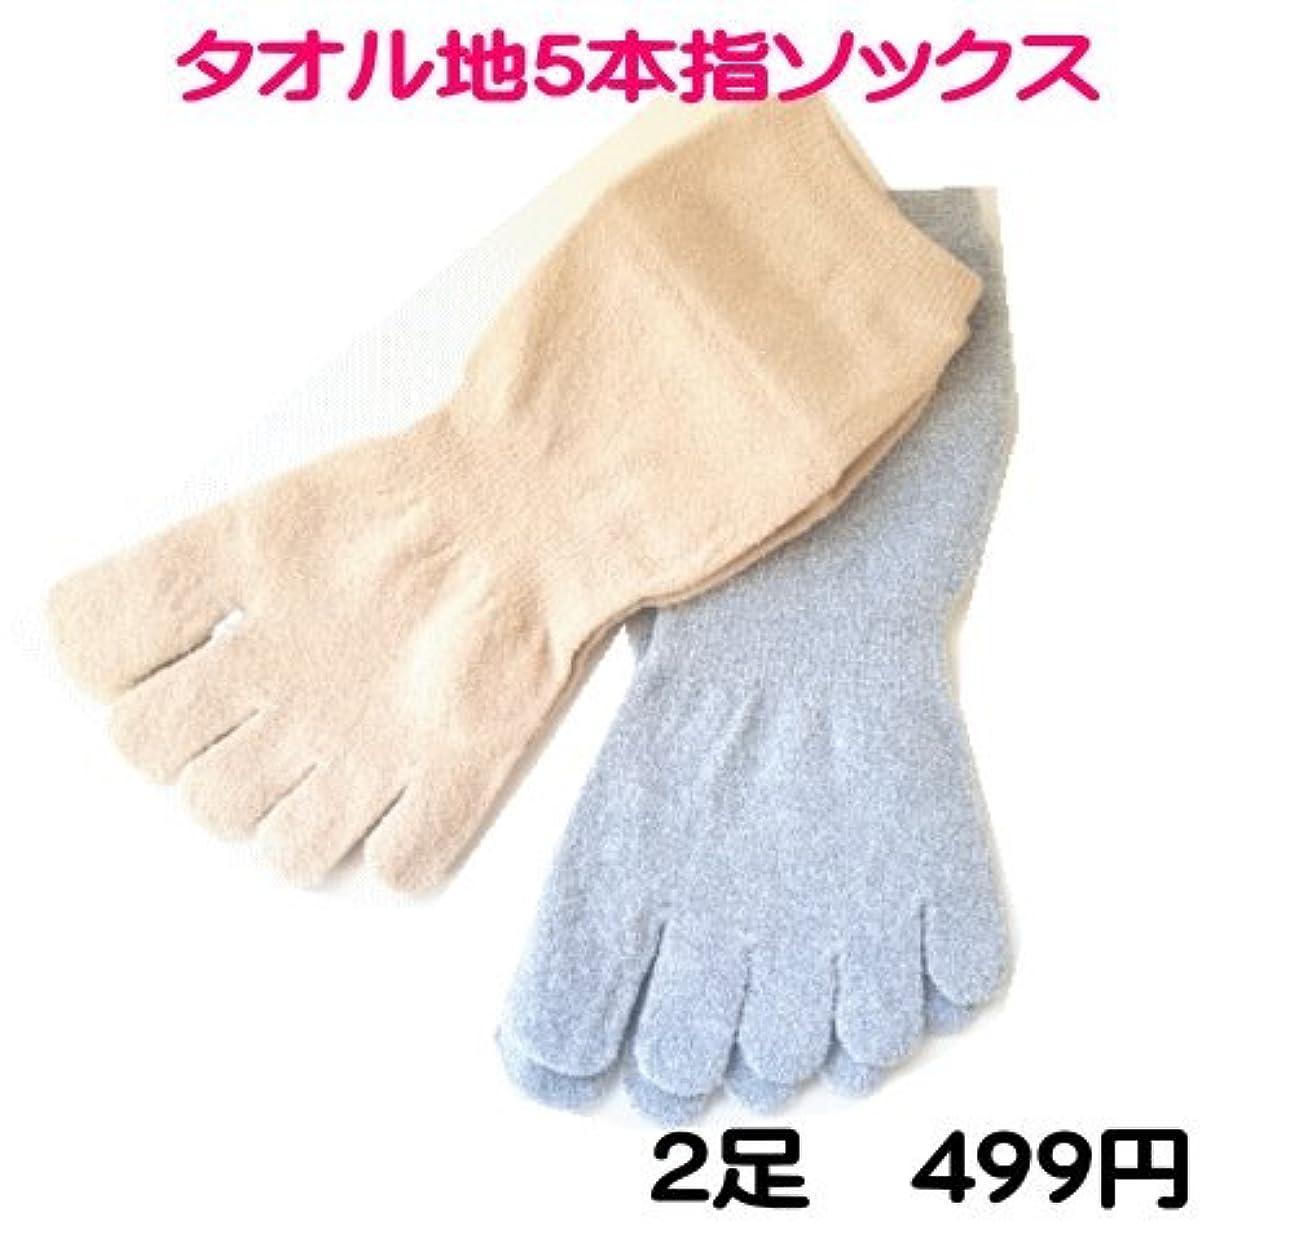 明示的に金銭的な乗り出す在庫一掃 タオルのような肌触り 5本指 ソックス ショート丈 2足組 太陽ニット